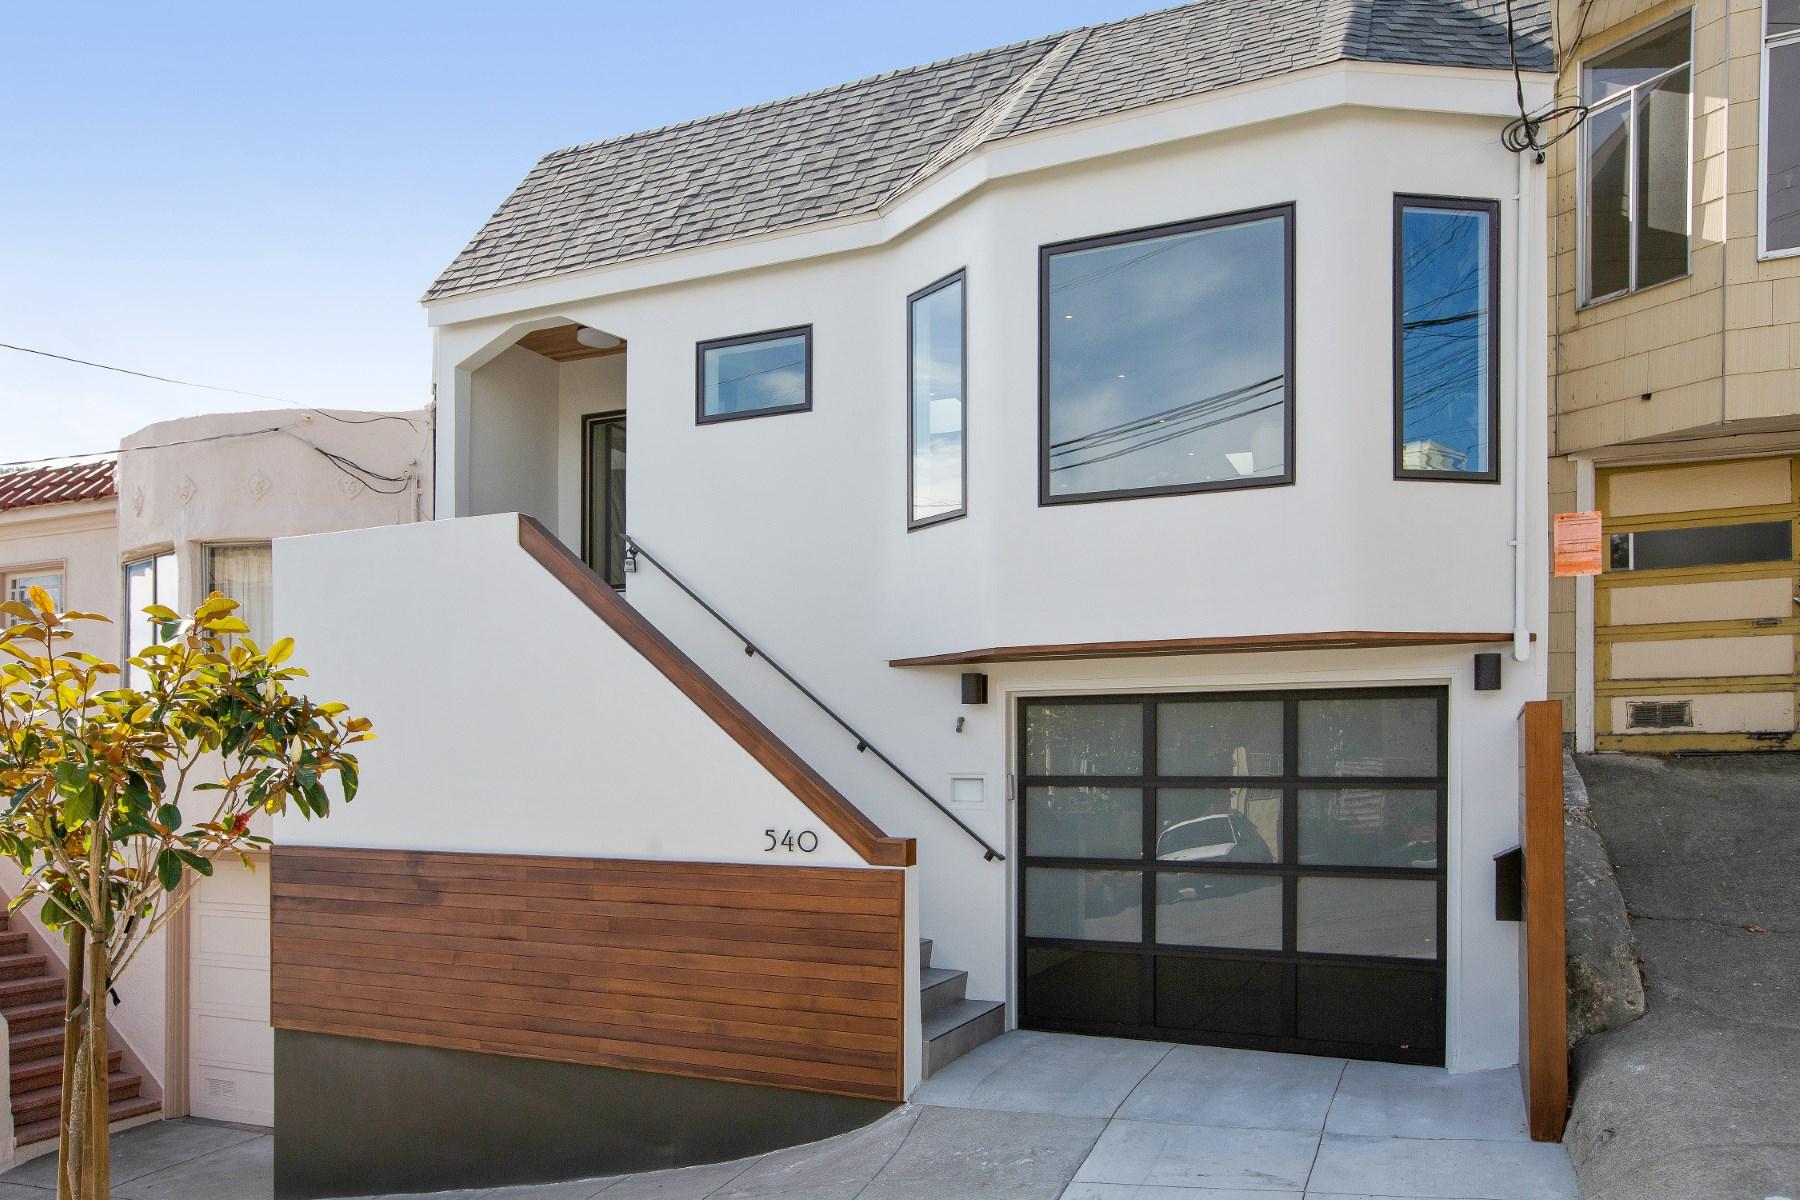 獨棟家庭住宅 為 出售 在 Urban Retreat in the Sun 540 Texas St San Francisco, 加利福尼亞州 94107 美國